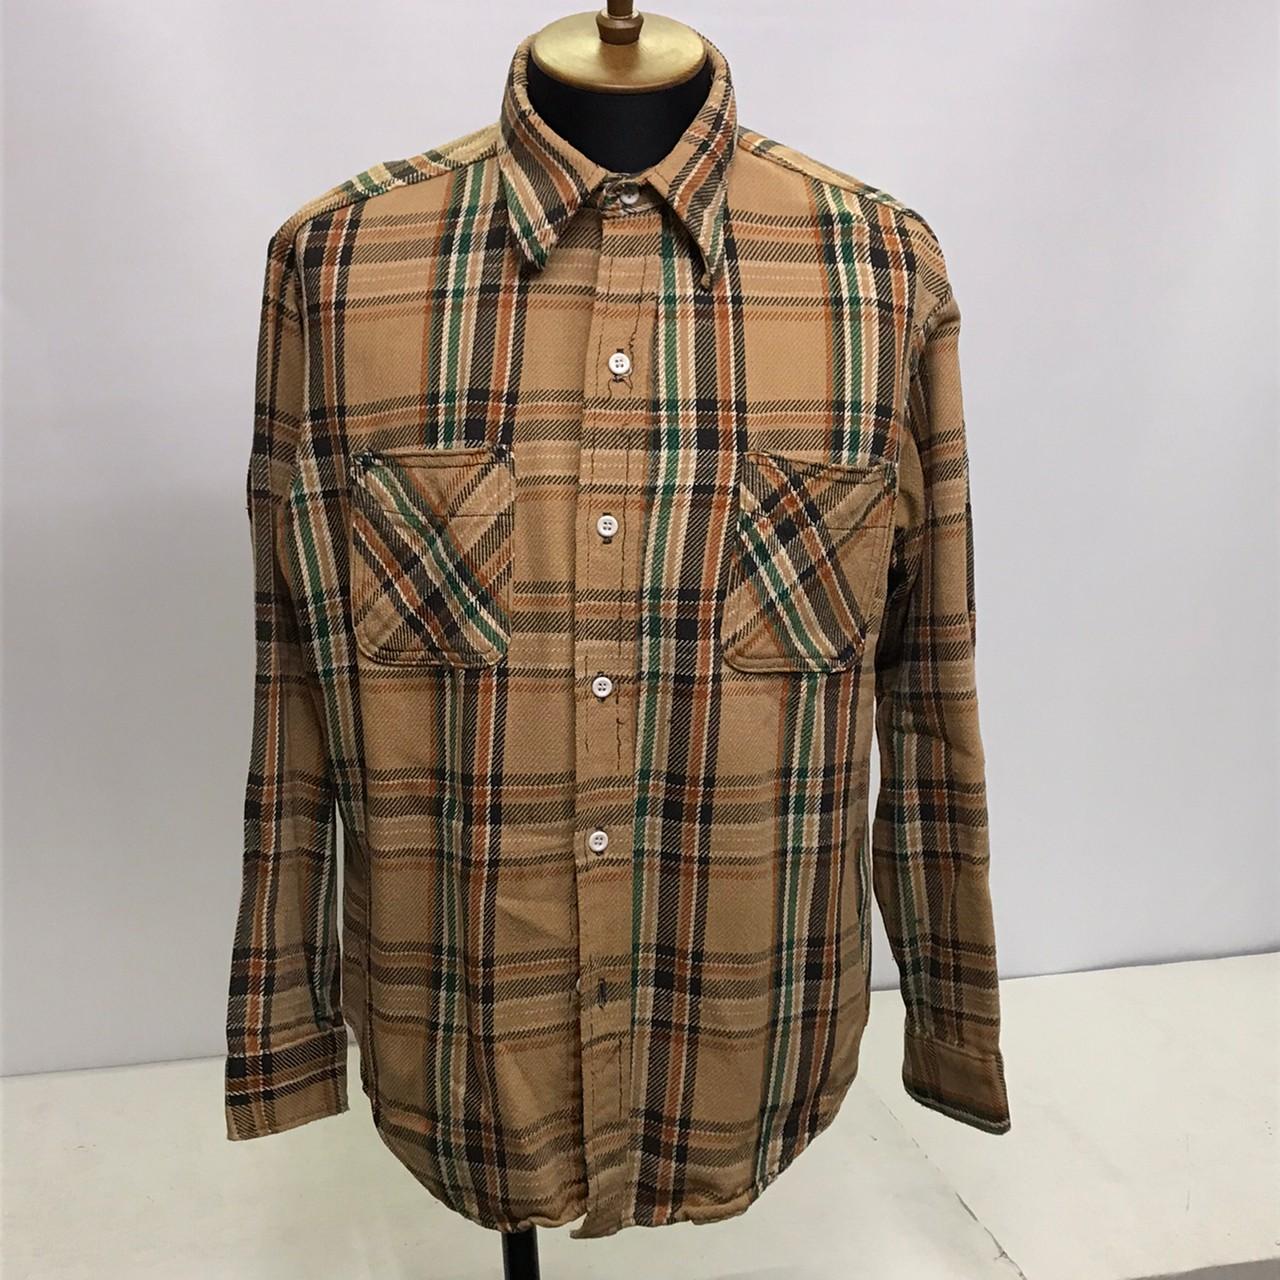 中古 BIG MAC ビッグマック 70's 70年代 注目ブランド フランネルシャツ 全品送料無料 JC JCペニー ブラウン×オレンジ 茶色×橙色 中古品 サイズL PENNEY 05r3008